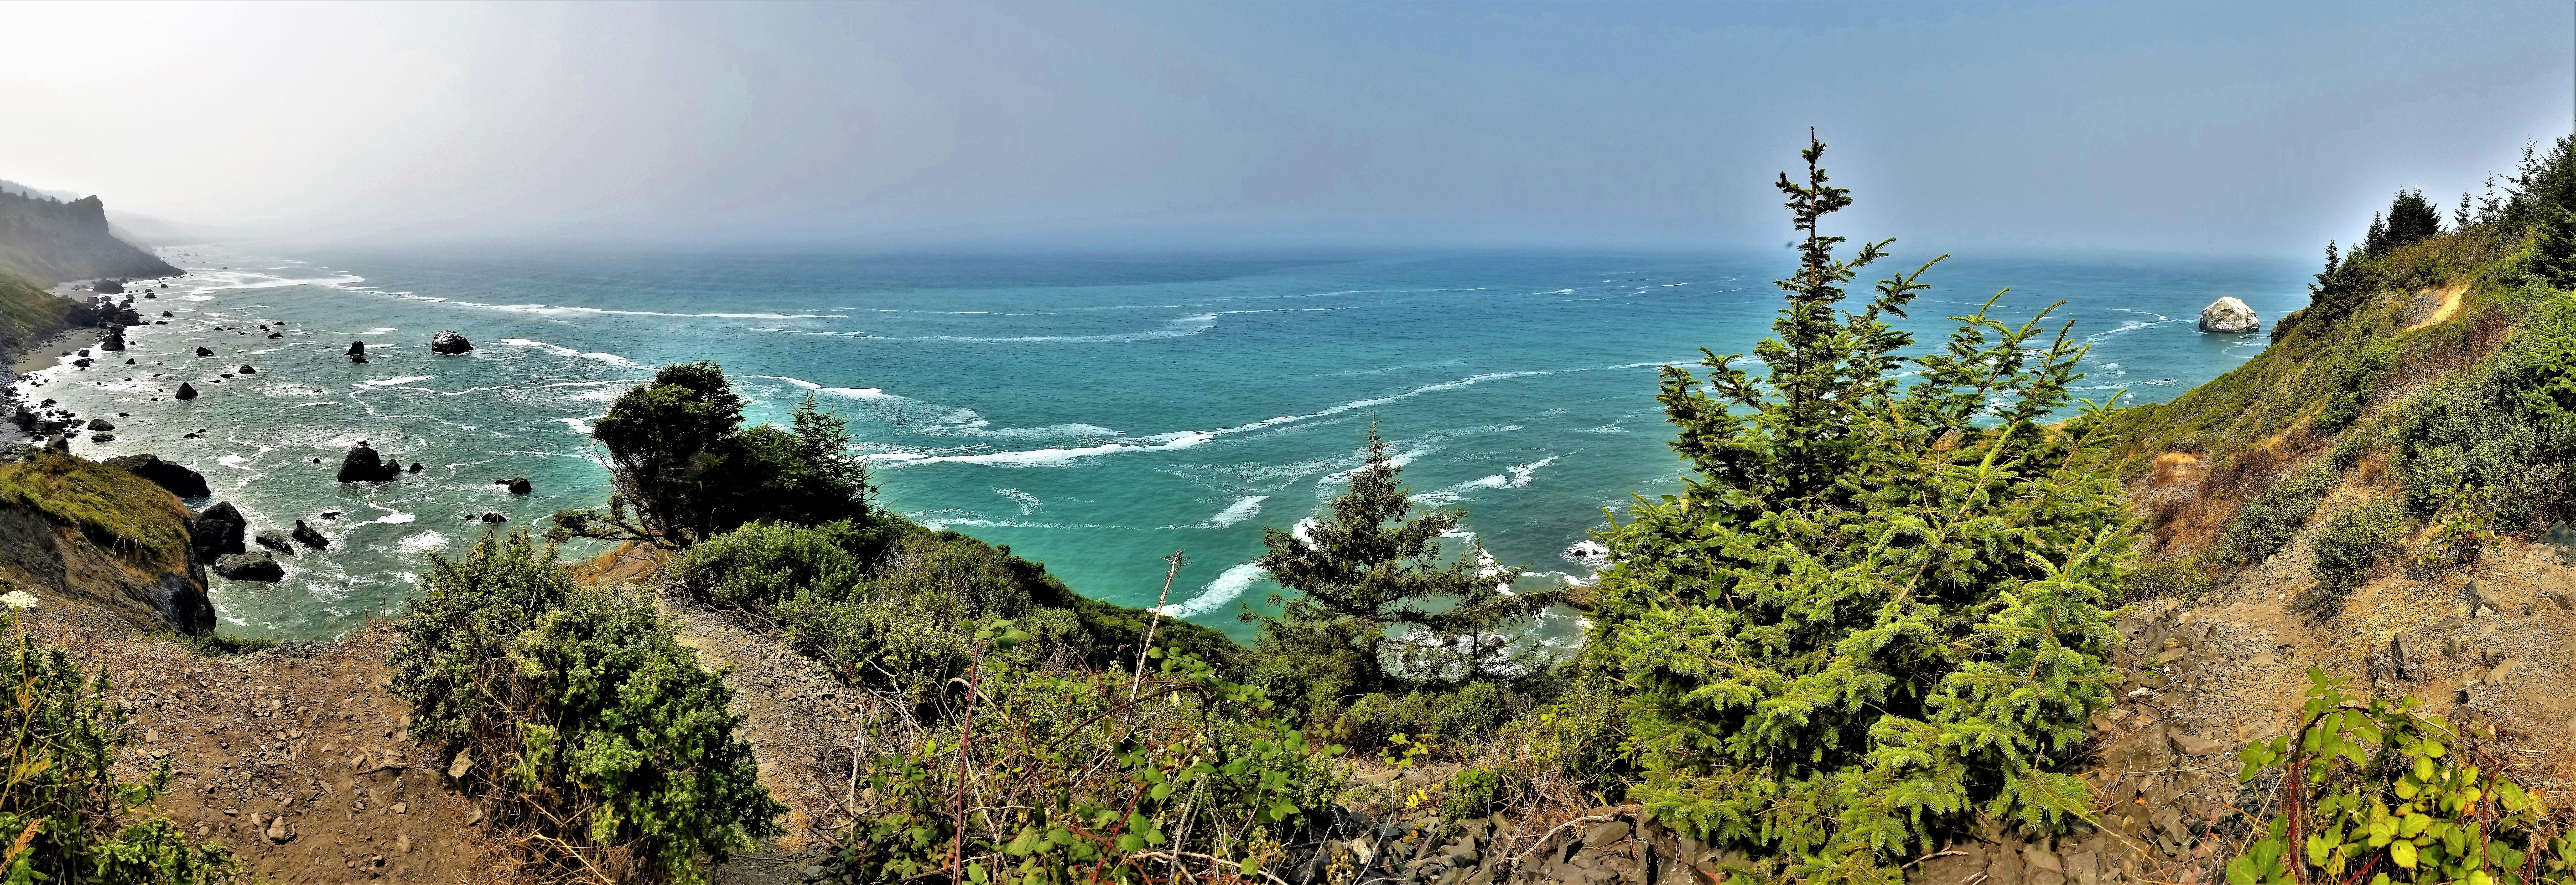 High Bluff, Redwoods NP